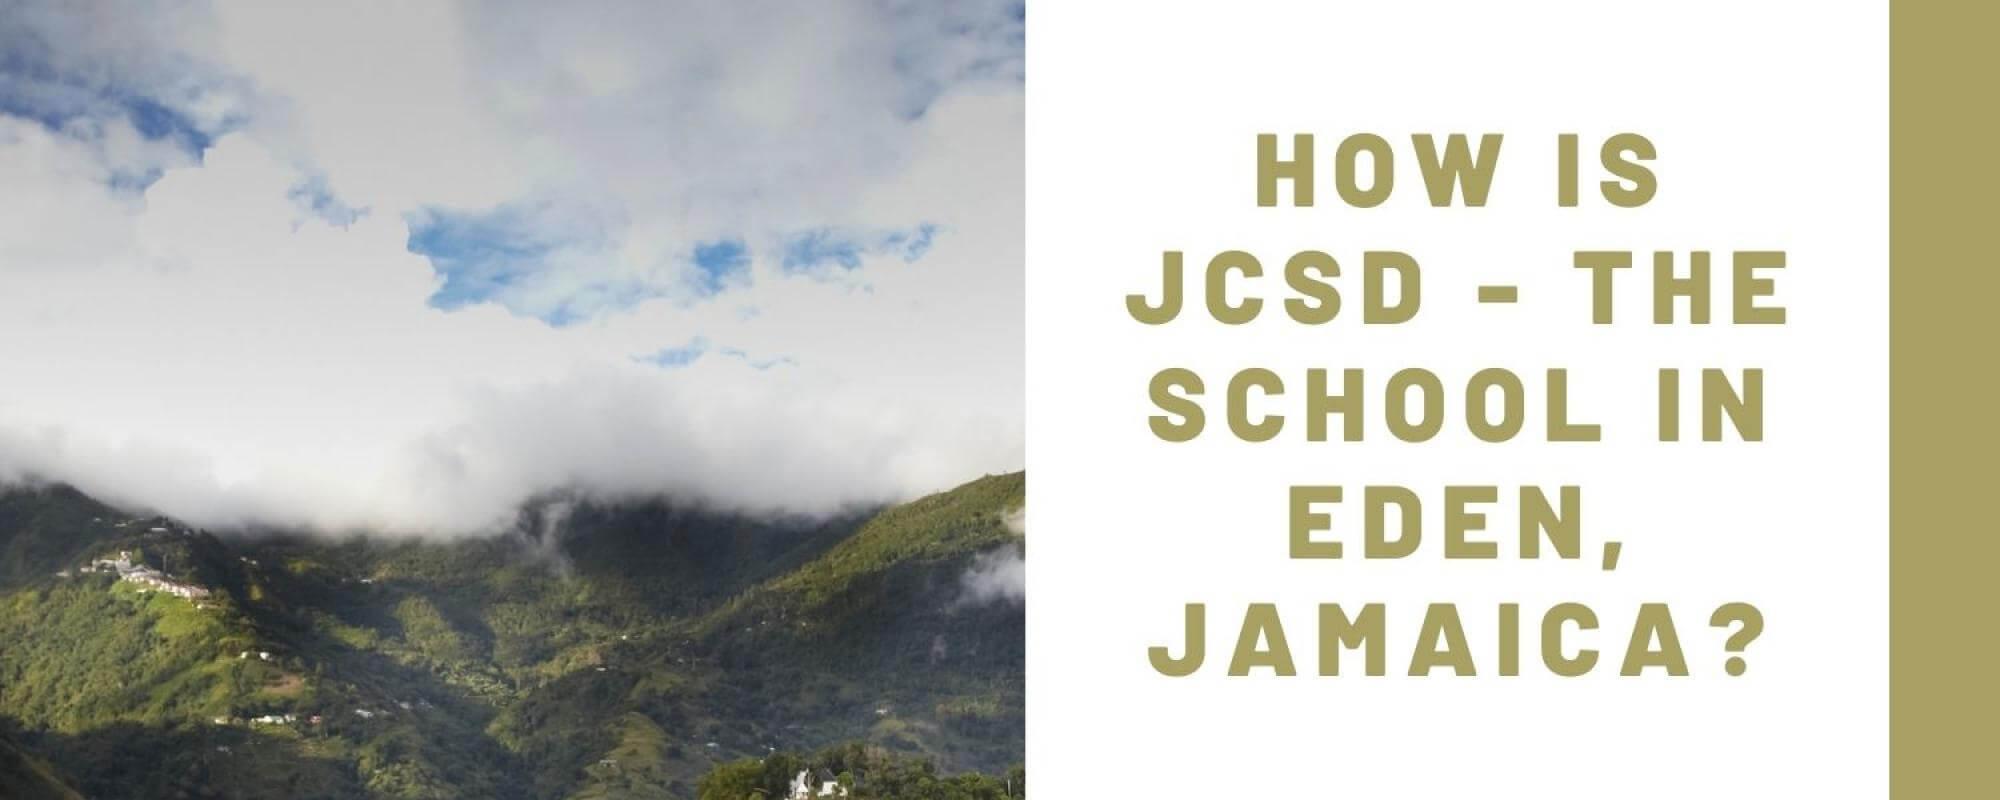 How is JCSD - The School in Eden Jamaica?